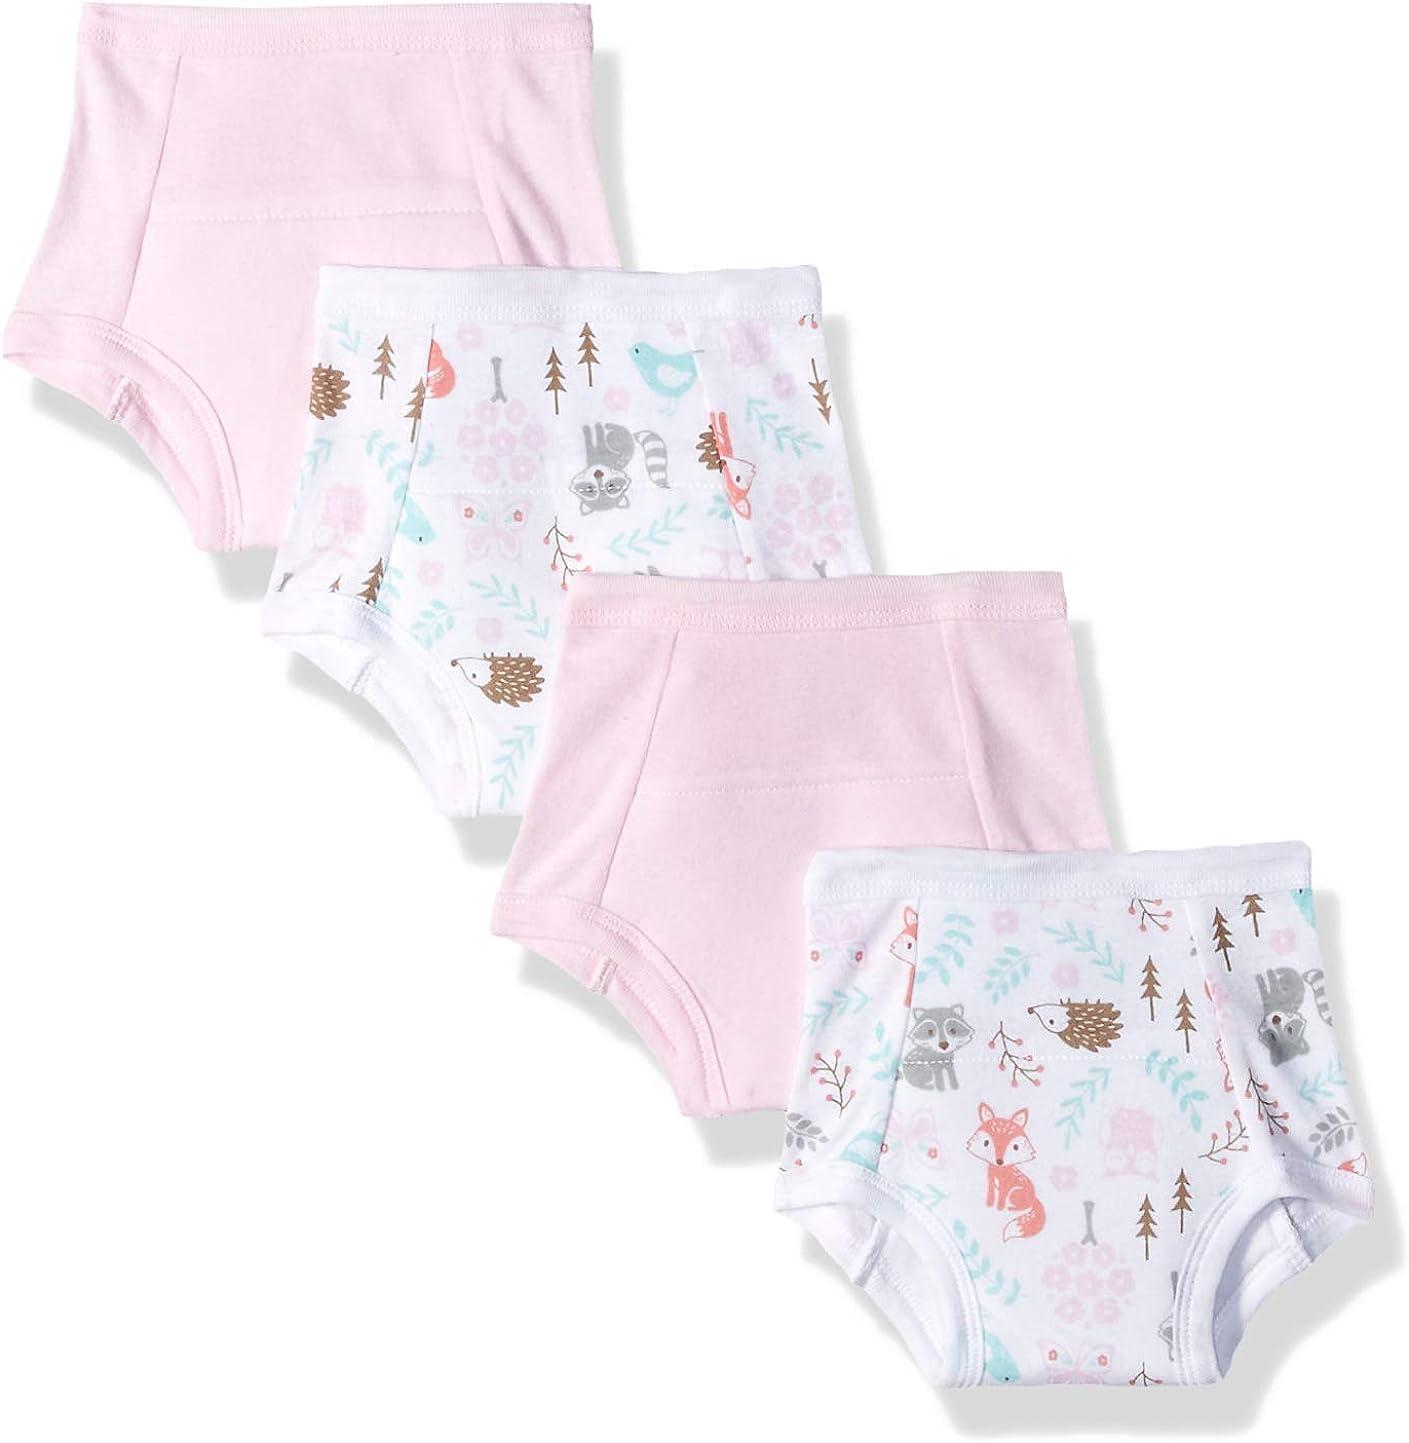 Luvable Friends Baby Unisex Cotton Training Pants